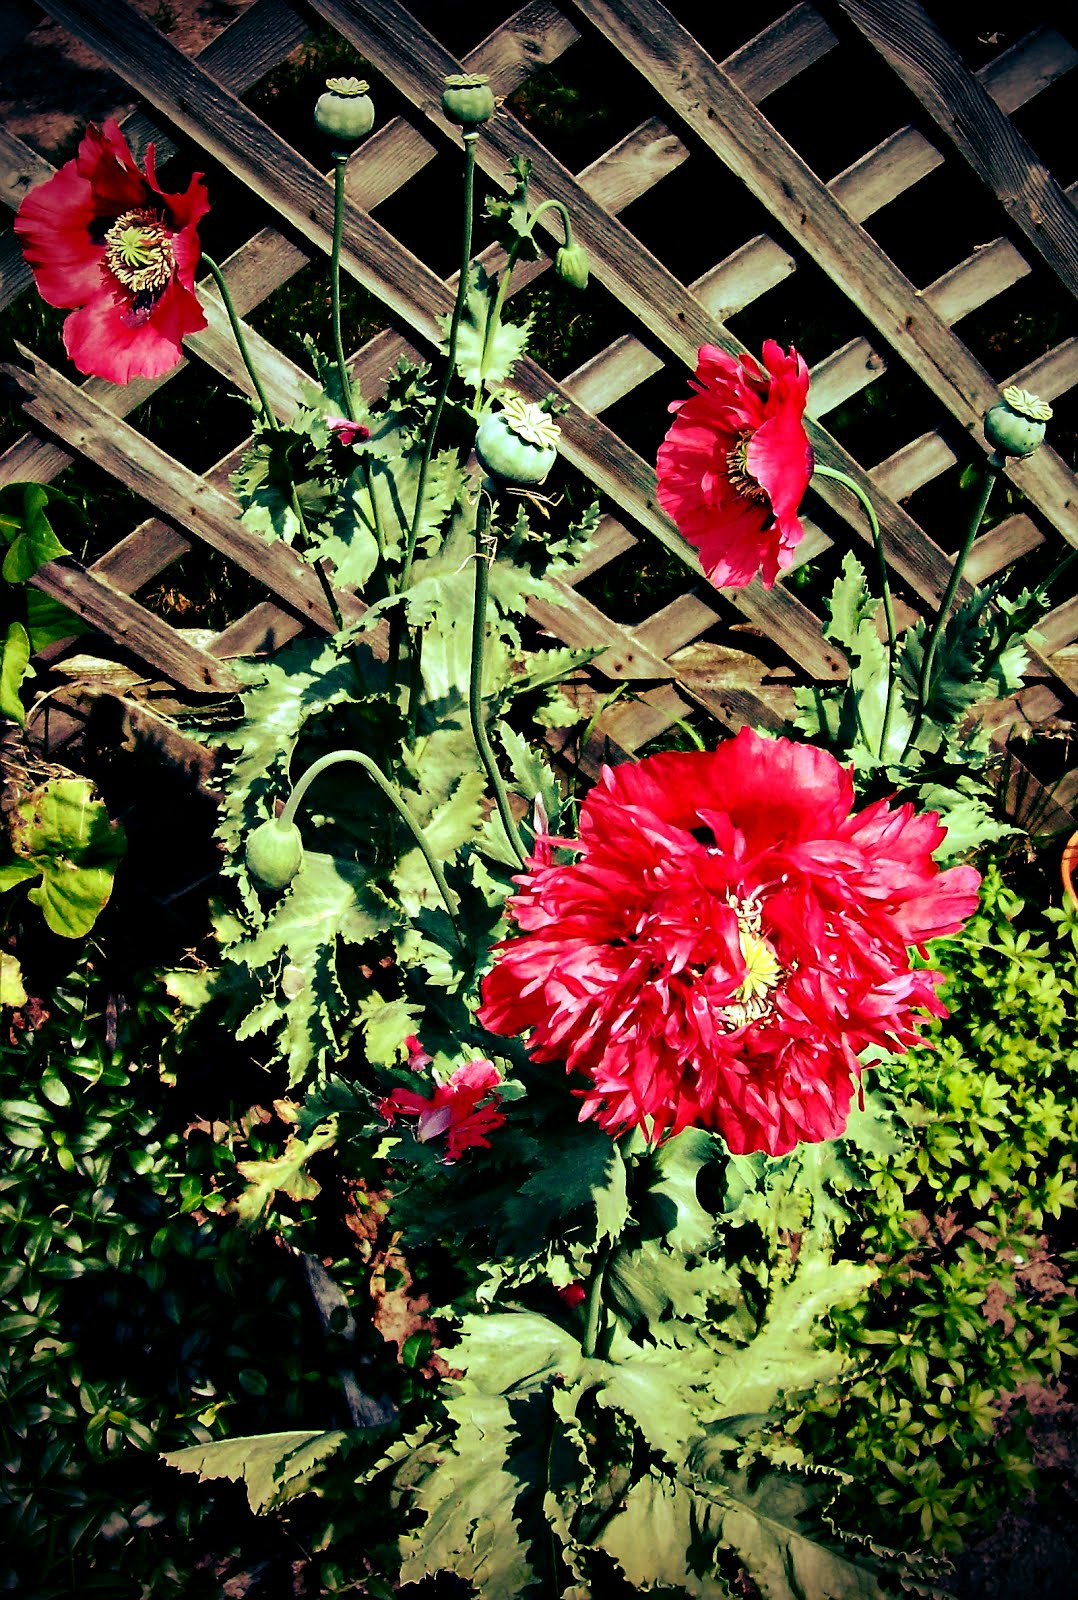 nefaeria: poppy love